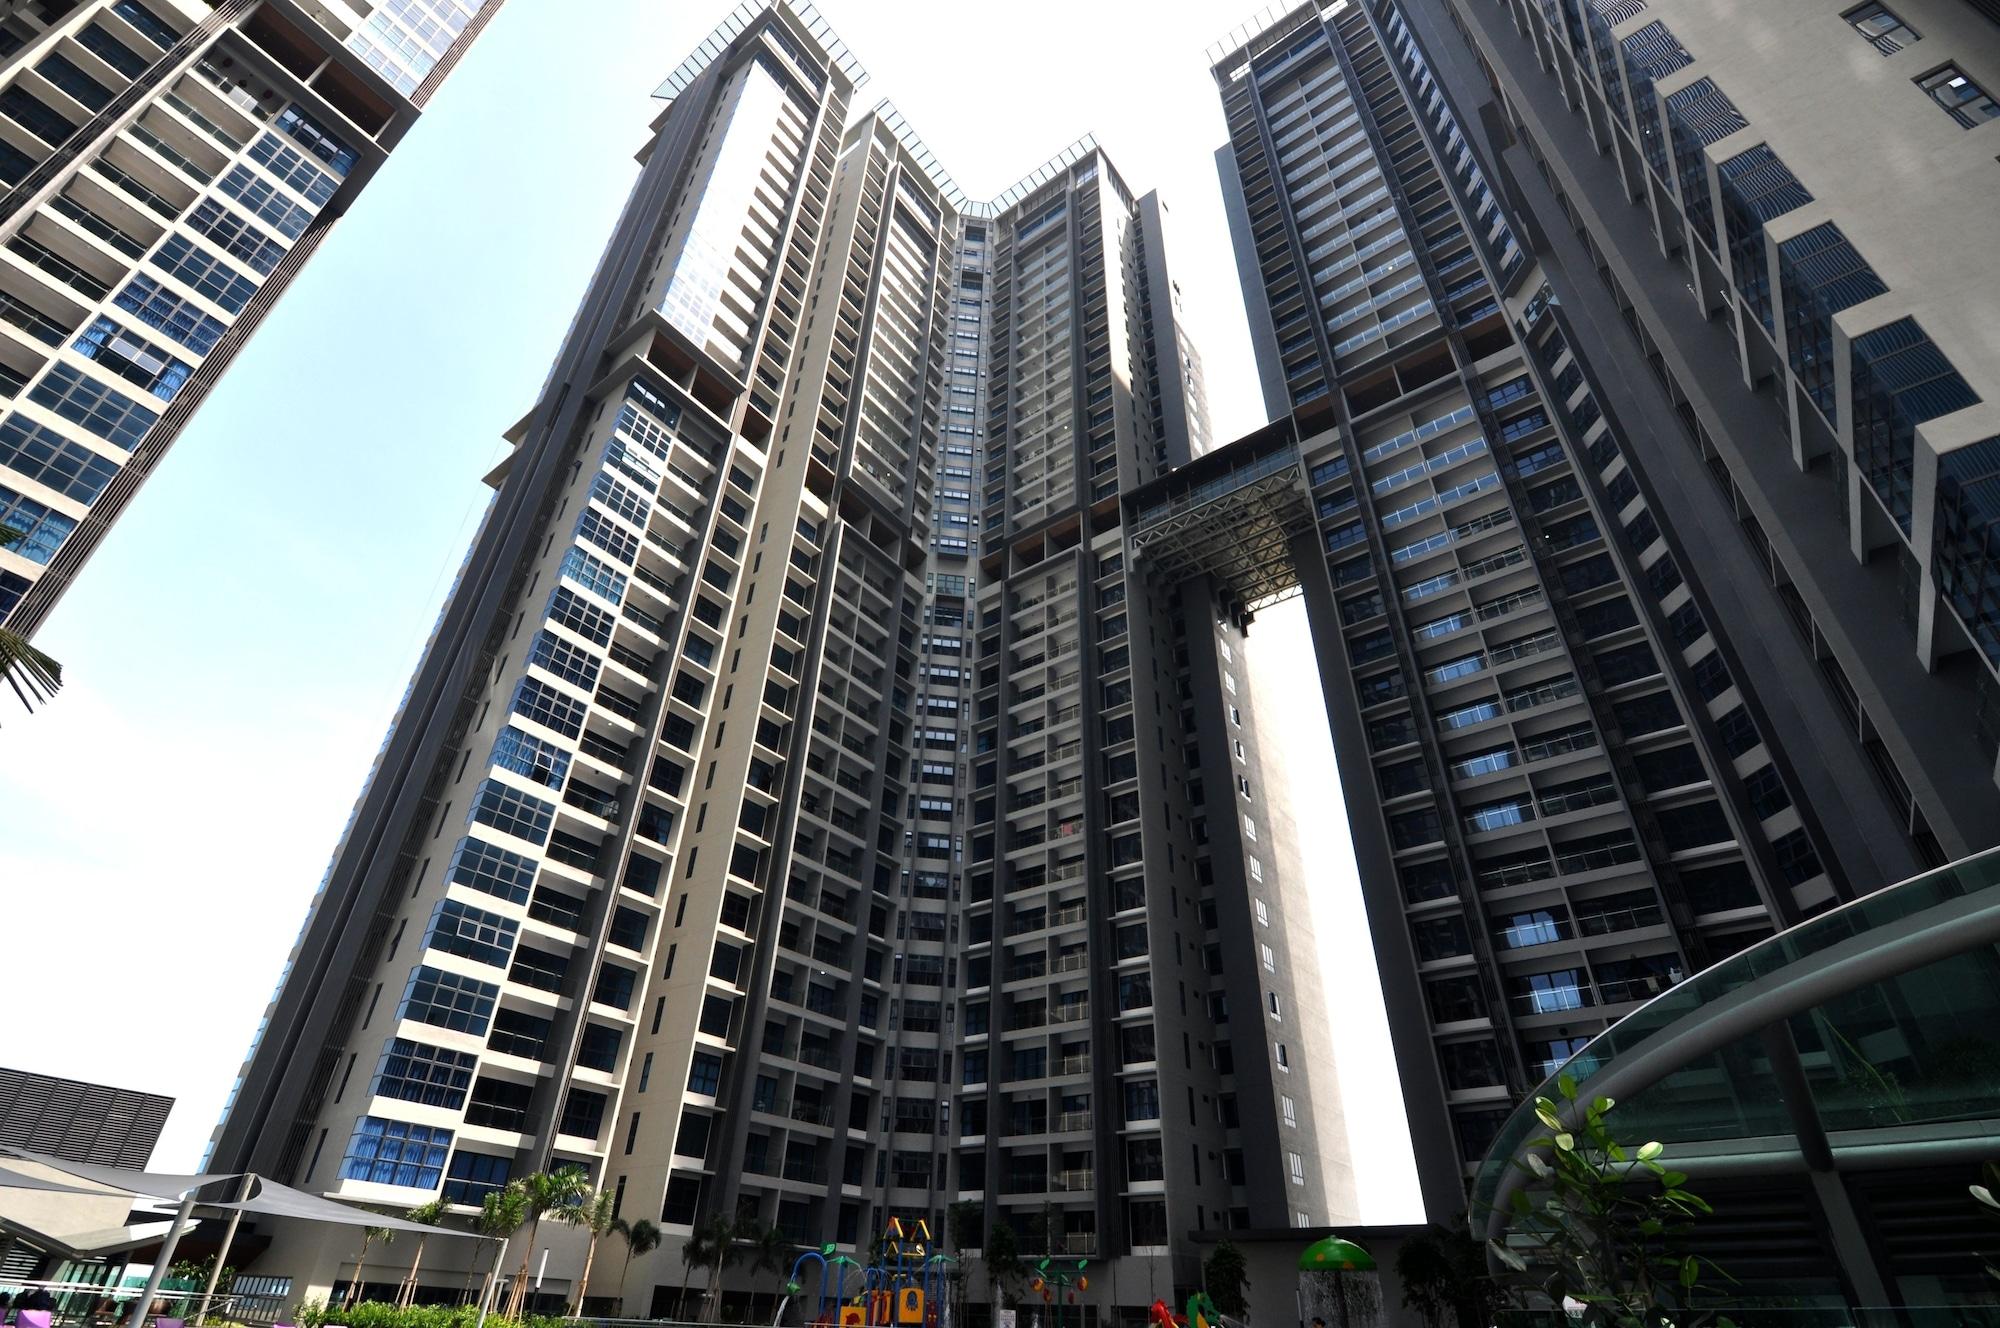 InnStay Resort Apartment Atlantis, Kota Melaka